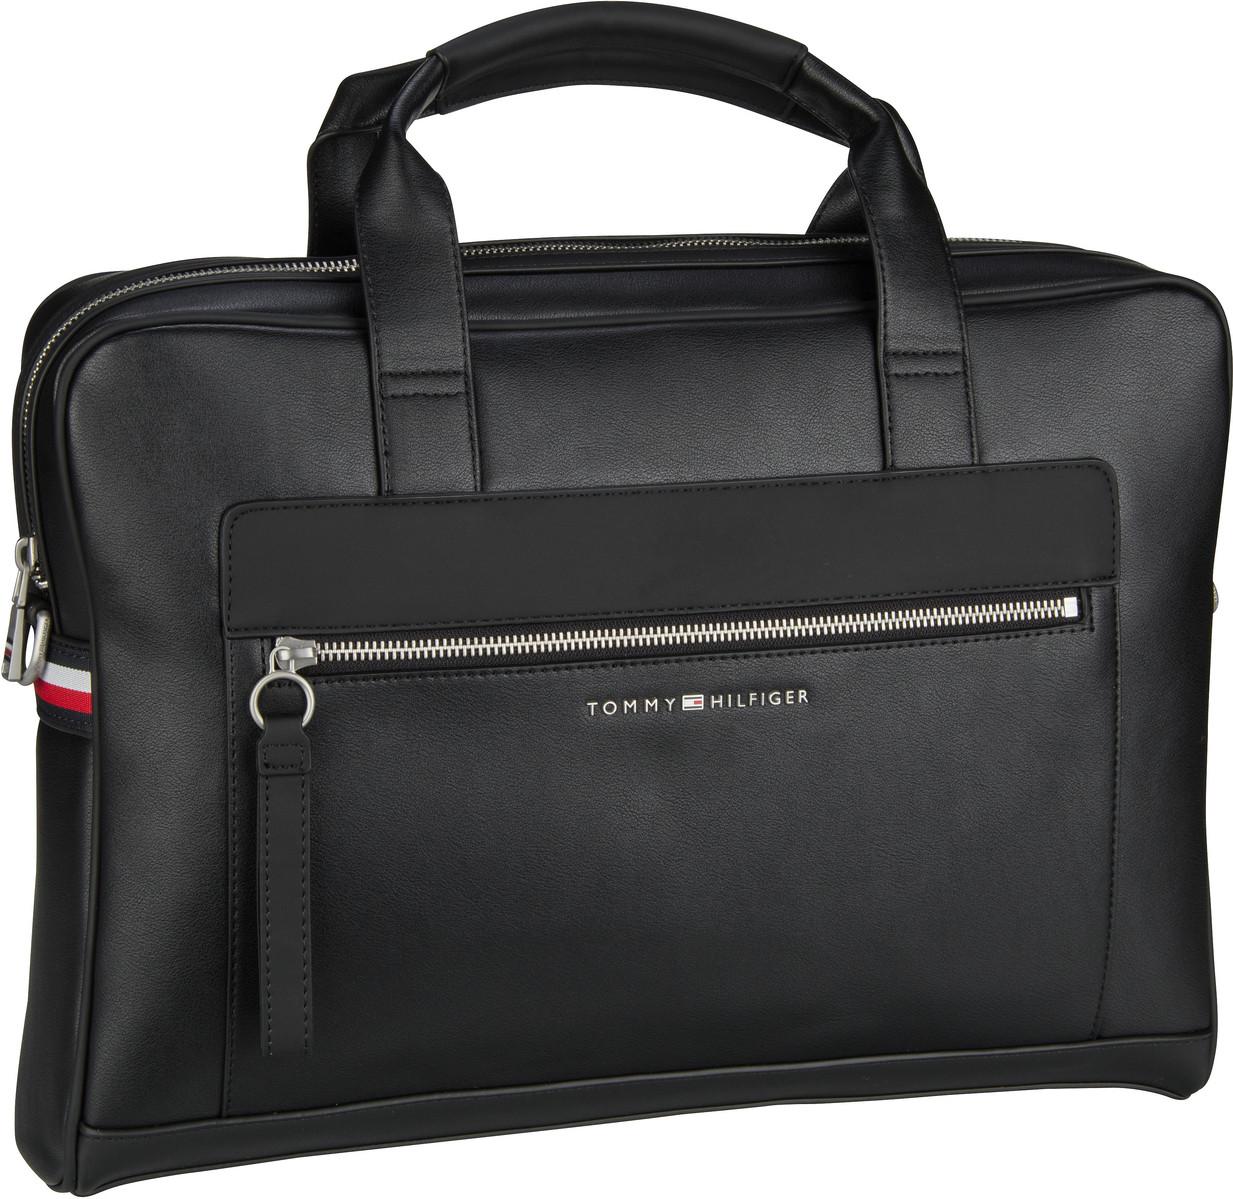 tommy hilfiger -  Aktentasche TH Metro Computer Bag PSP20 Black